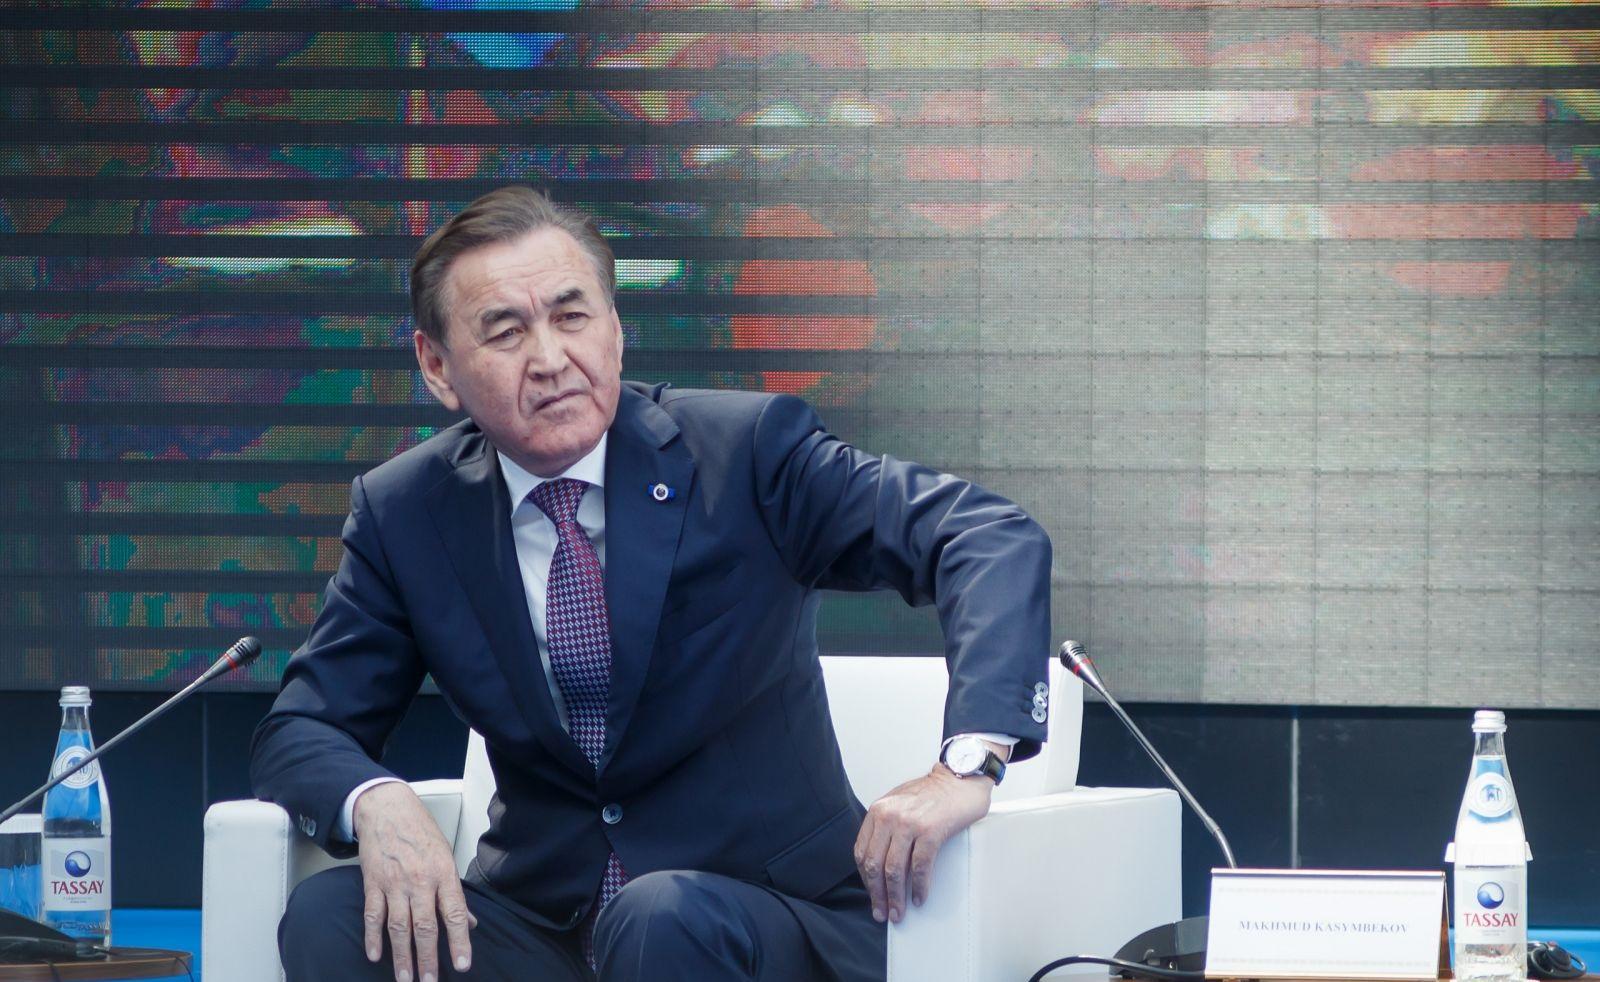 Қасымбеков Махмуд Базарқұлұлы, Махмуд Қасымбеков, президент әкімшілігі